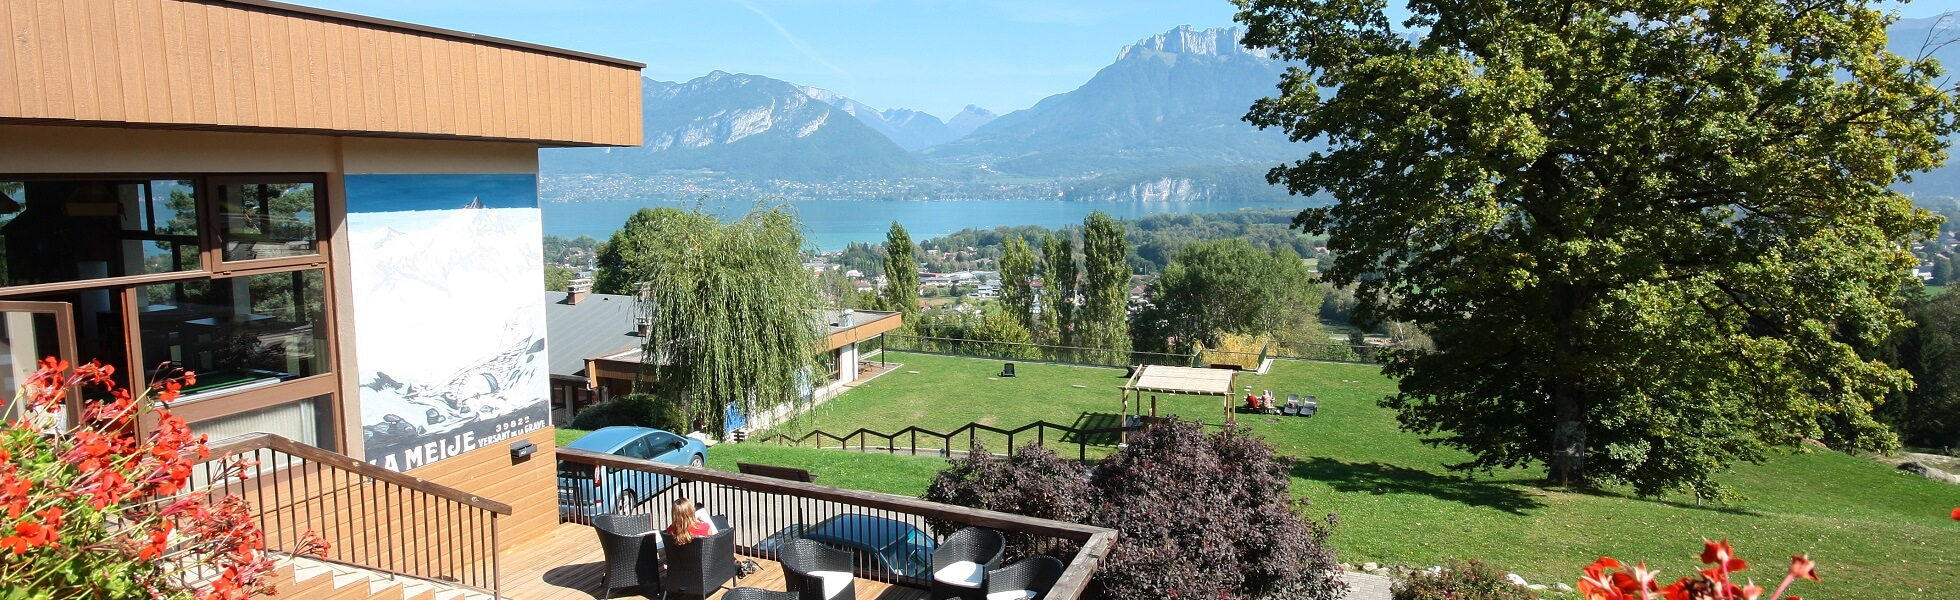 Les Balcons du lac d'Annecy - Sevrier / Haute-Savoie